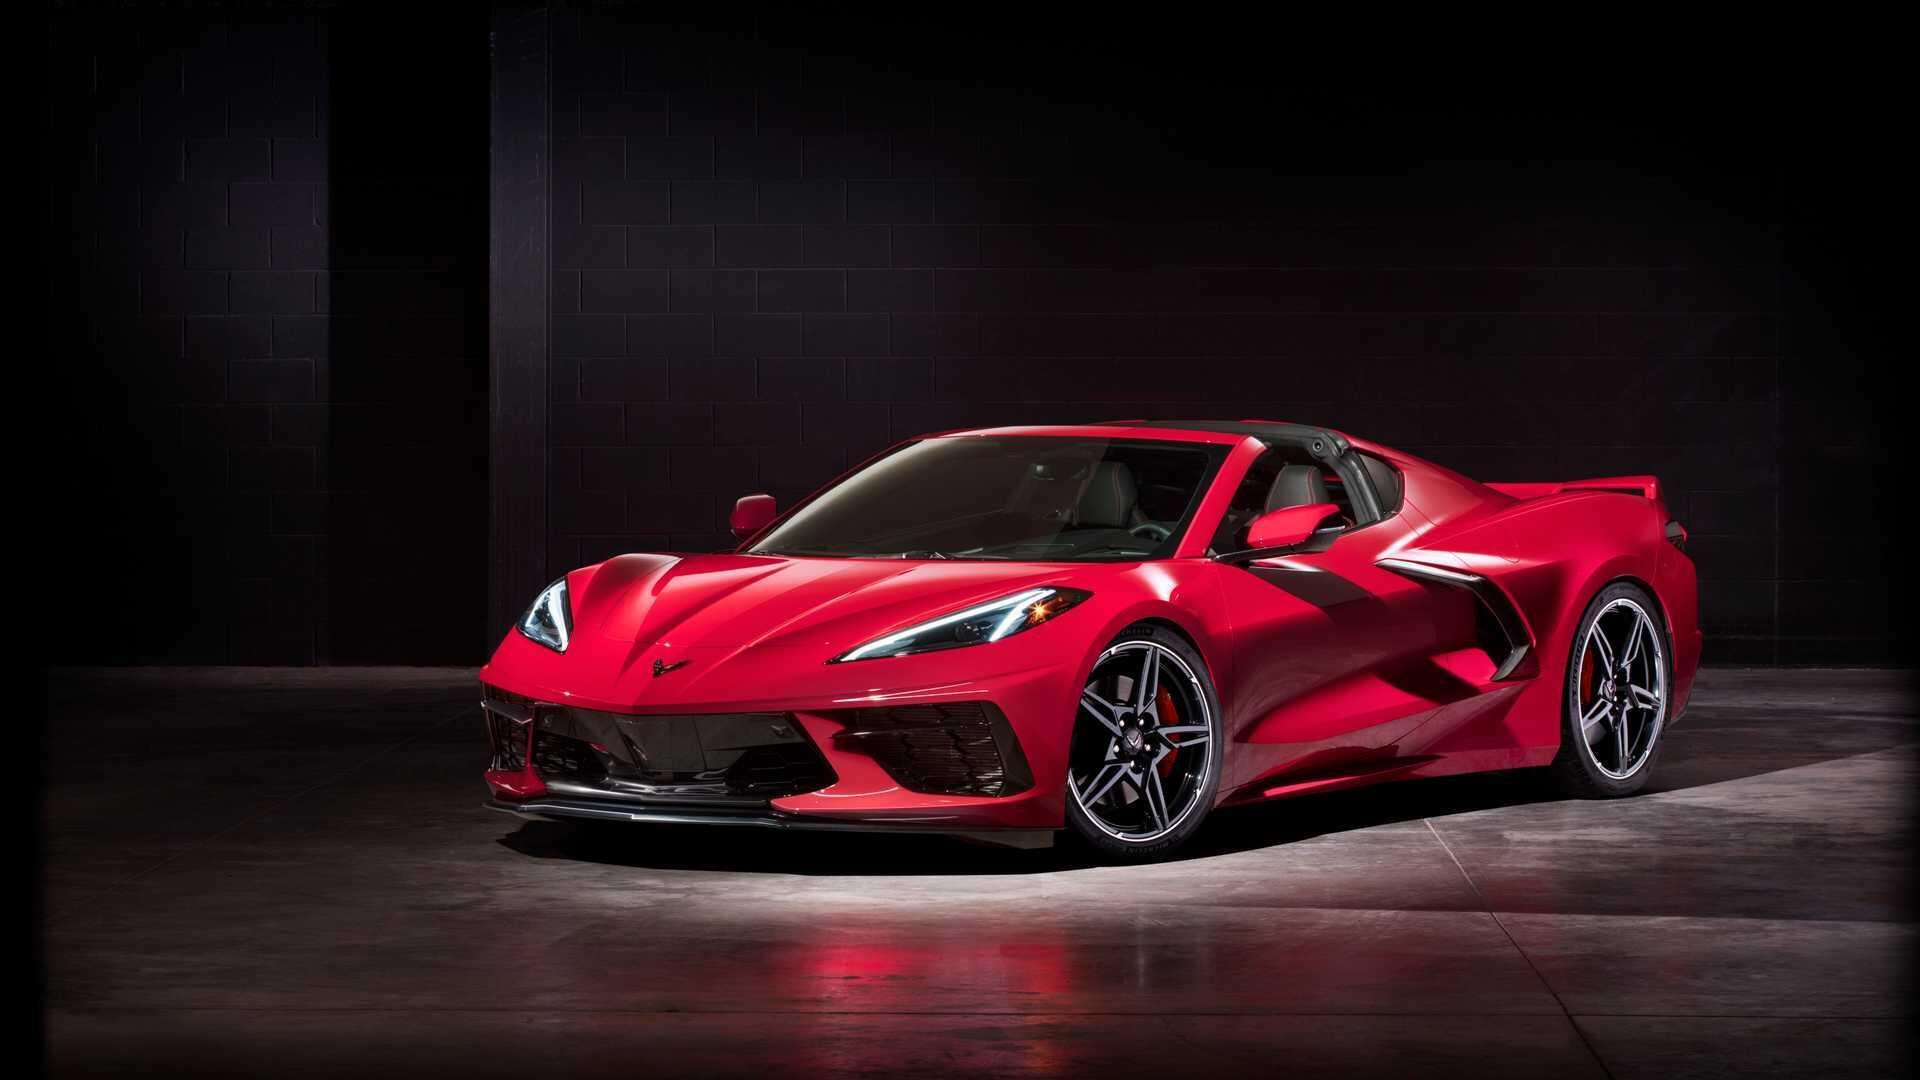 https://cdn.dailyxe.com.vn/image/chevrolet-corvette-2020-co-mot-so-tinh-nang-an-tuyet-voi-50-94547j2.jpg